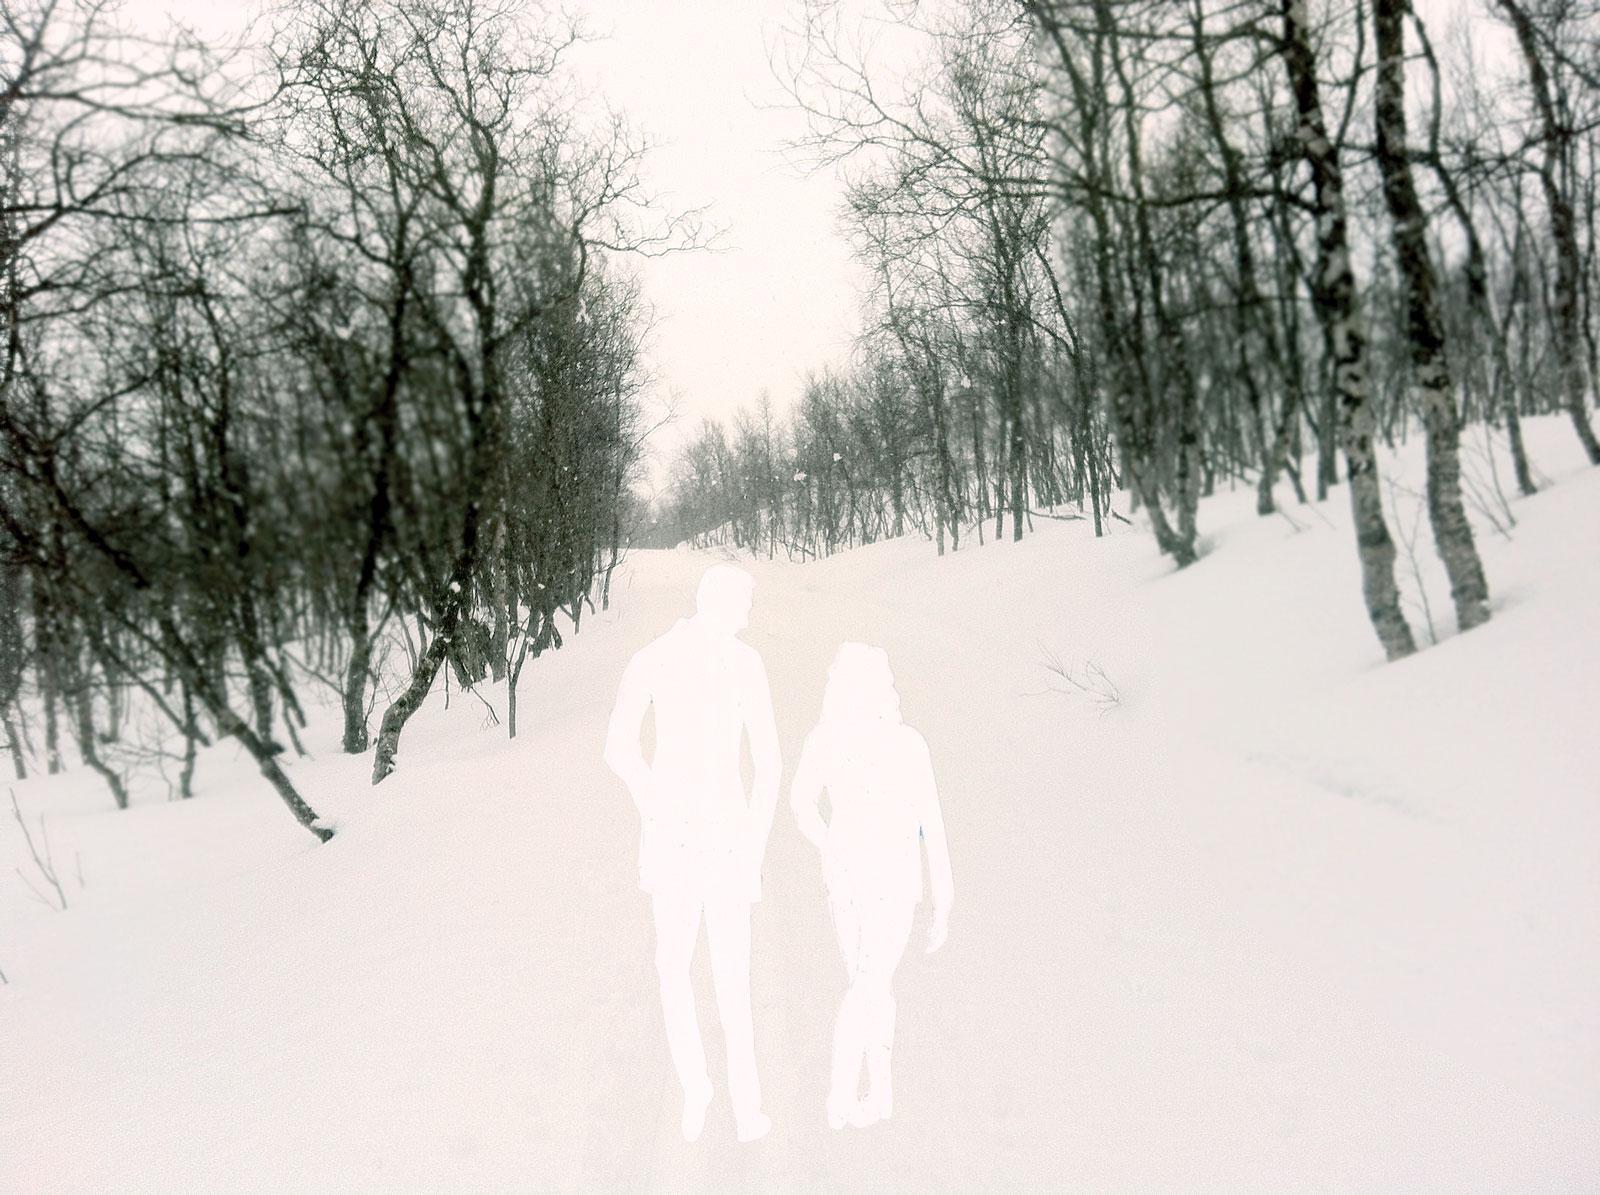 Emma-Davies-&-Niels-Pagh-kontrast